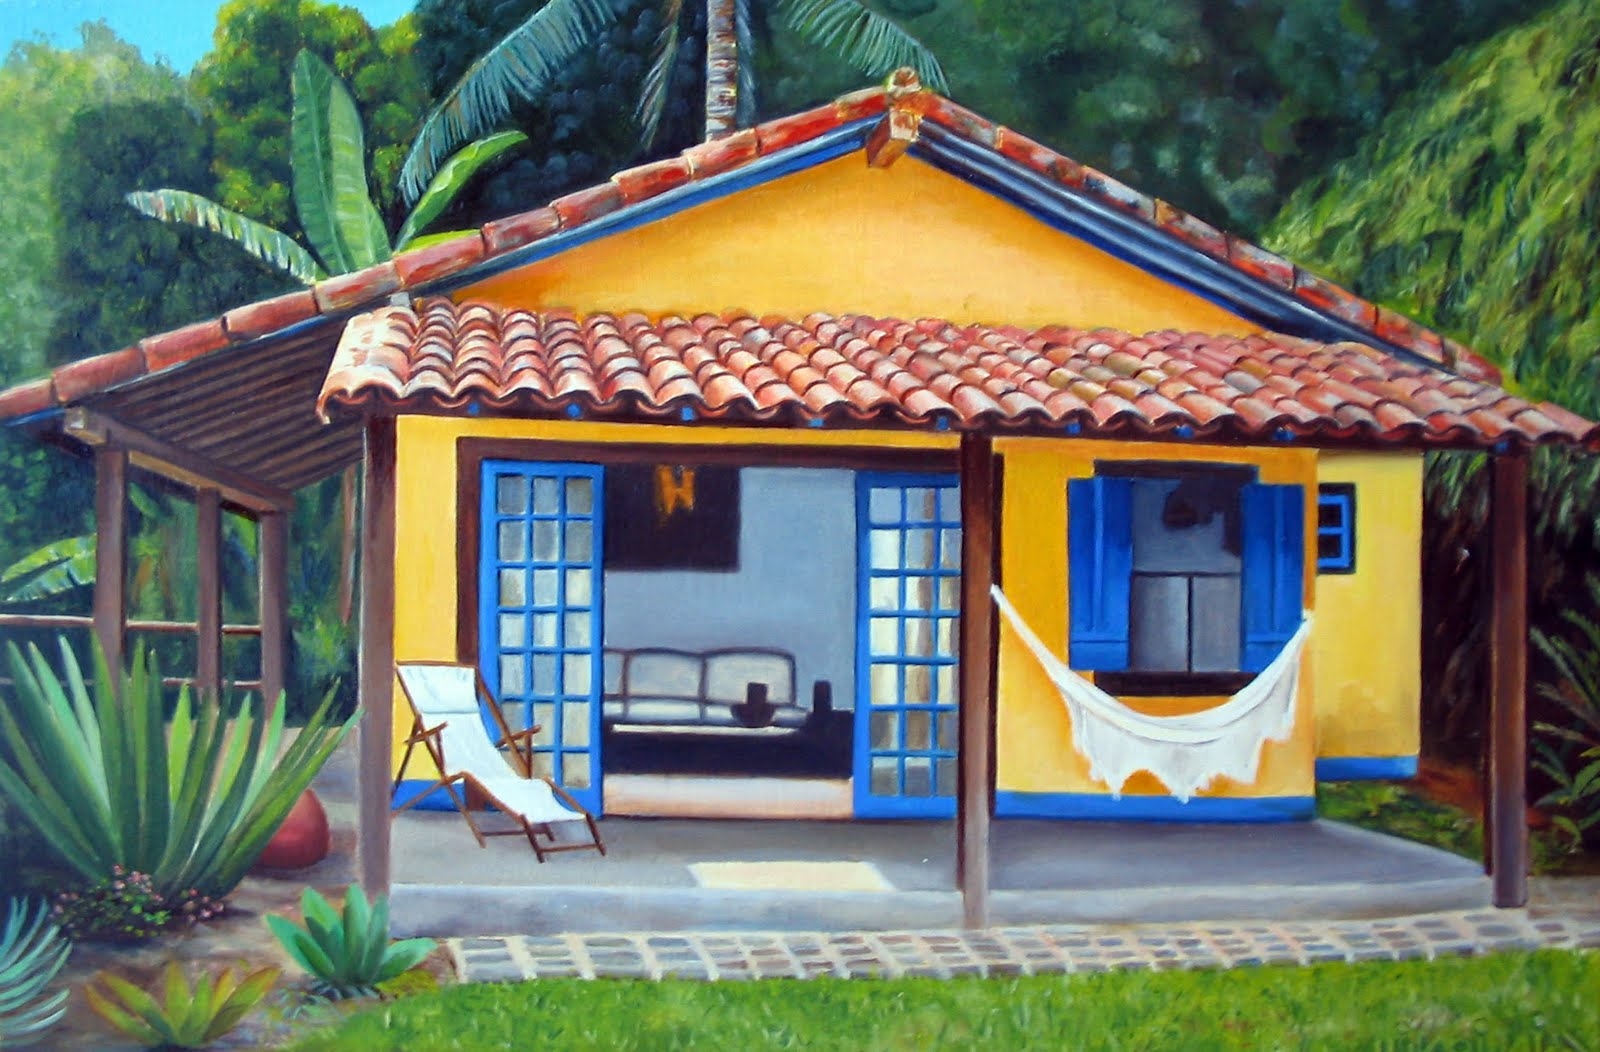 Casa de praia com fachada decorada